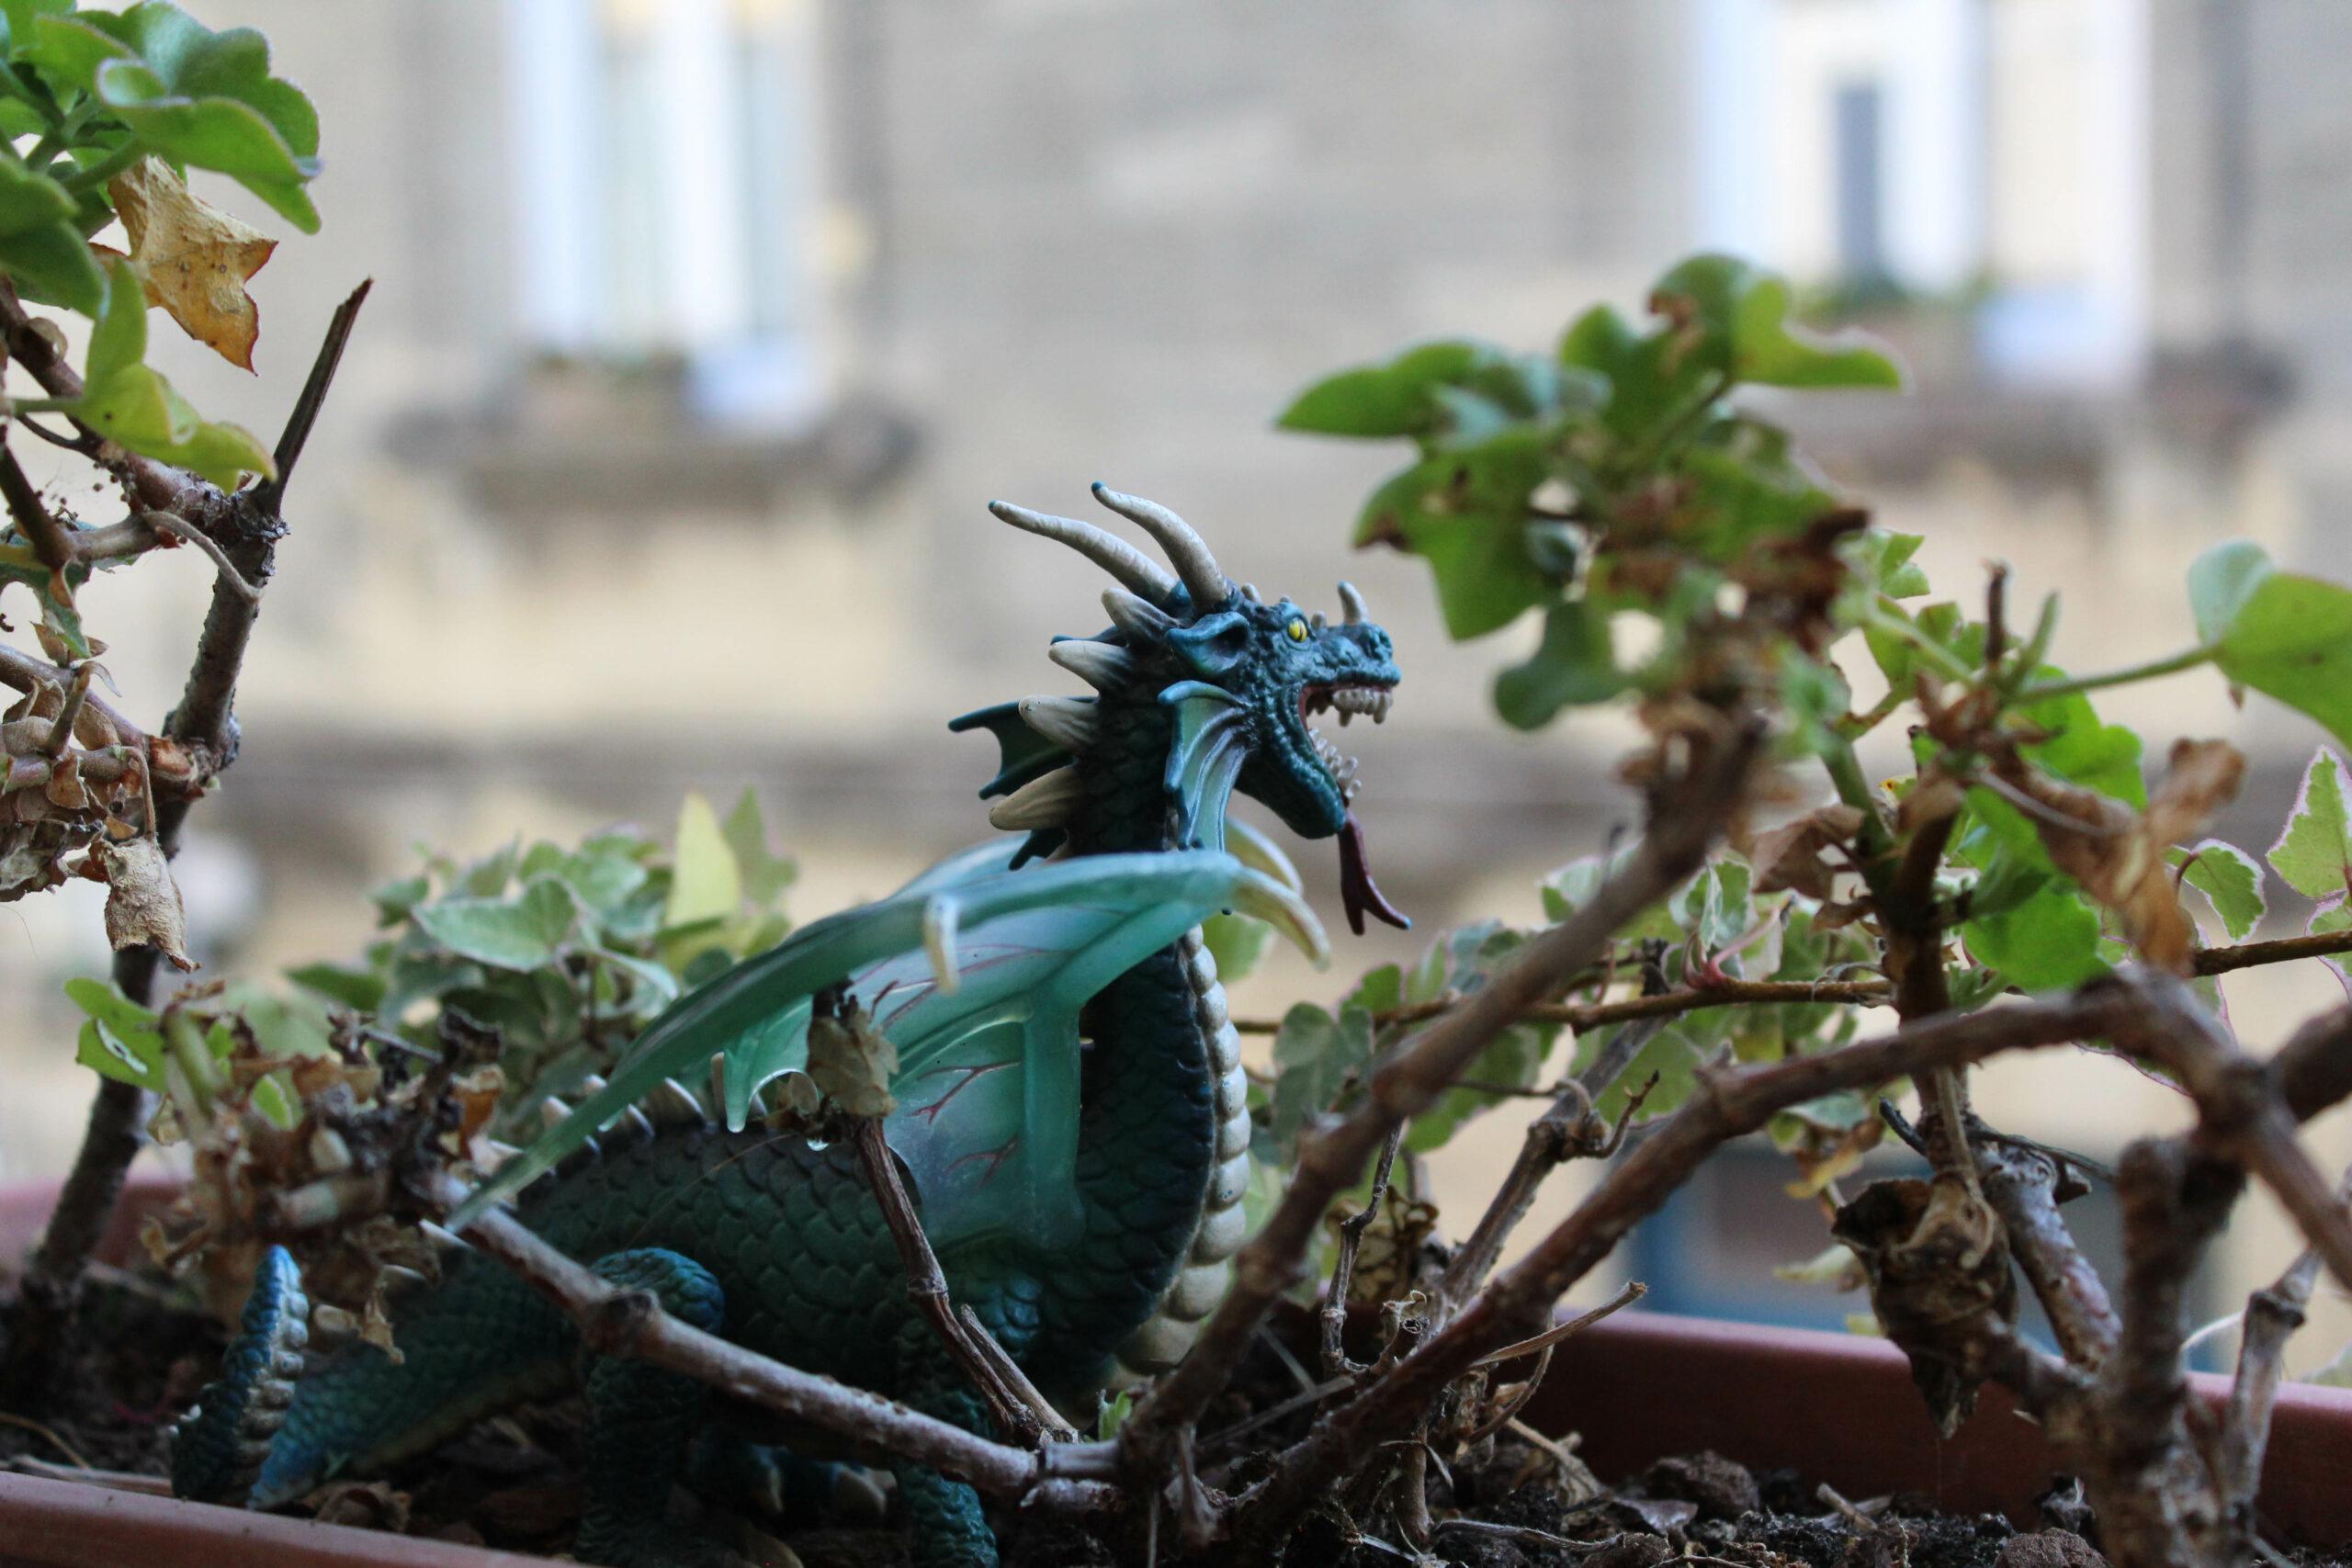 Dragon décoratif sur une jardinière où pousse du lierre.